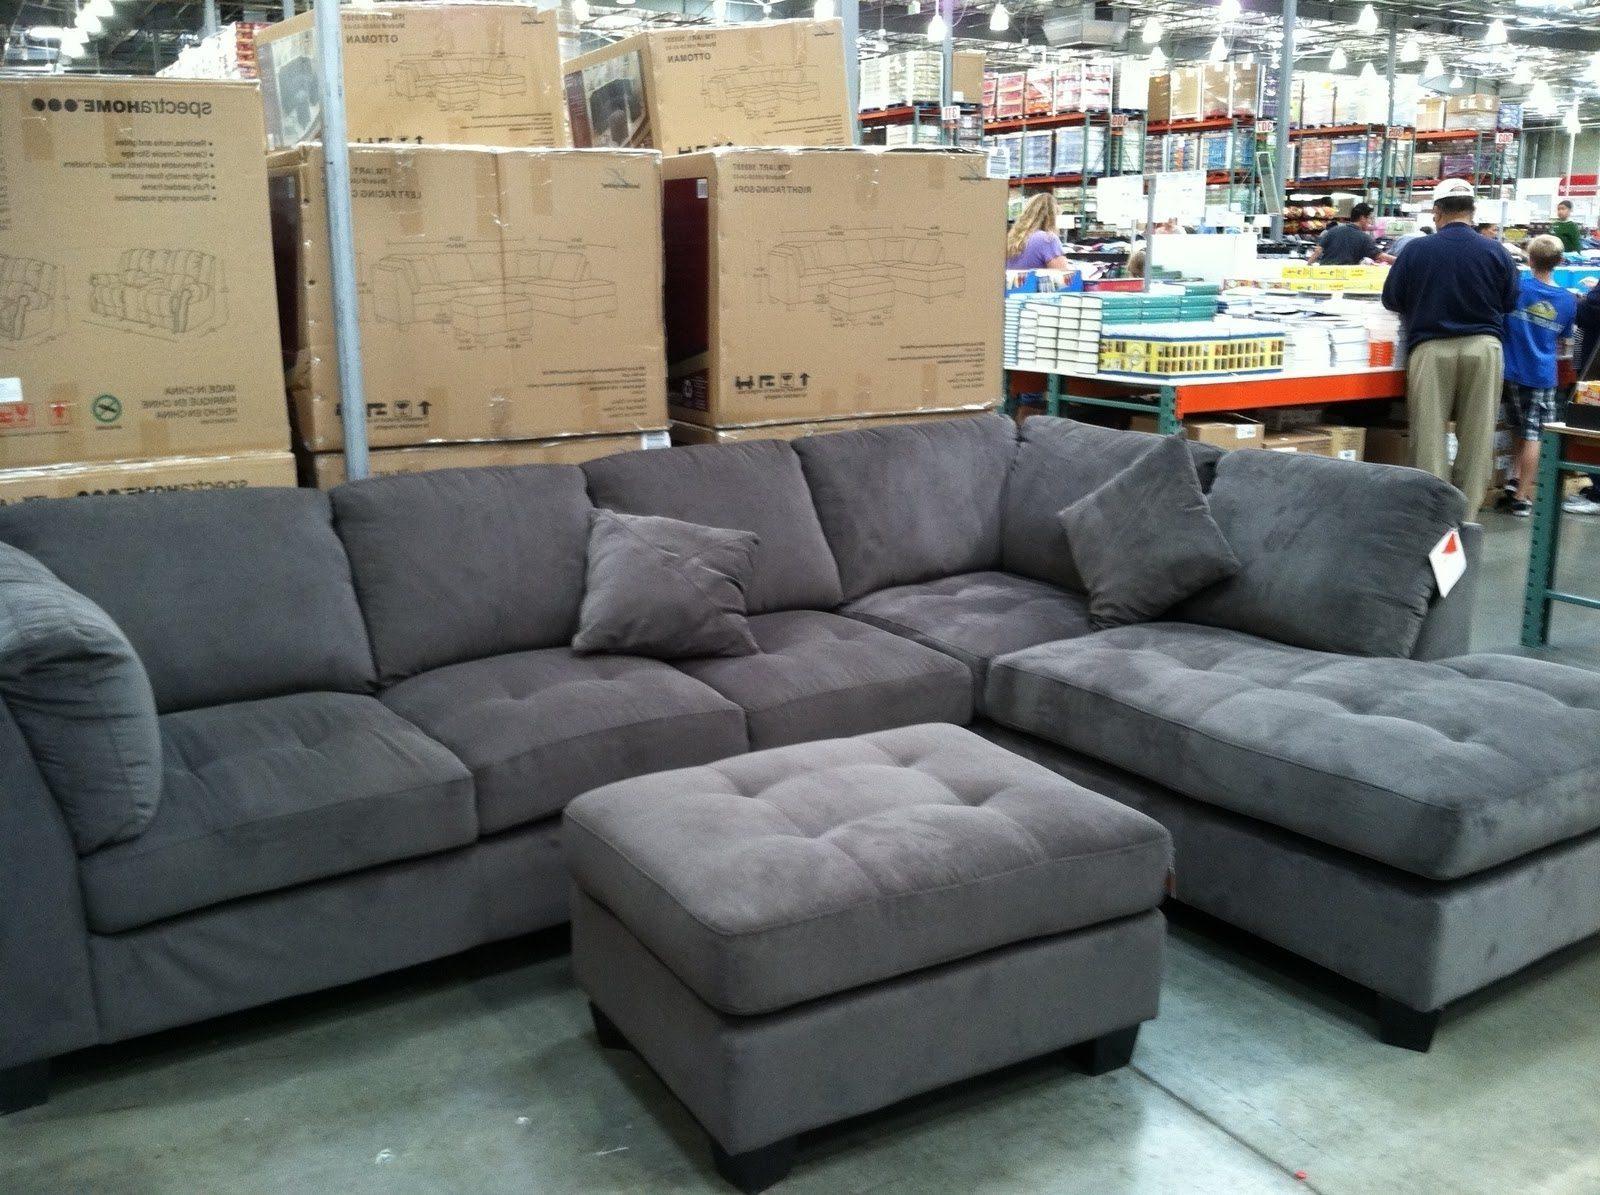 Costco Sofa Sleeper | Deep Sectional Sofa | Leather Sleeper Sofa Costco